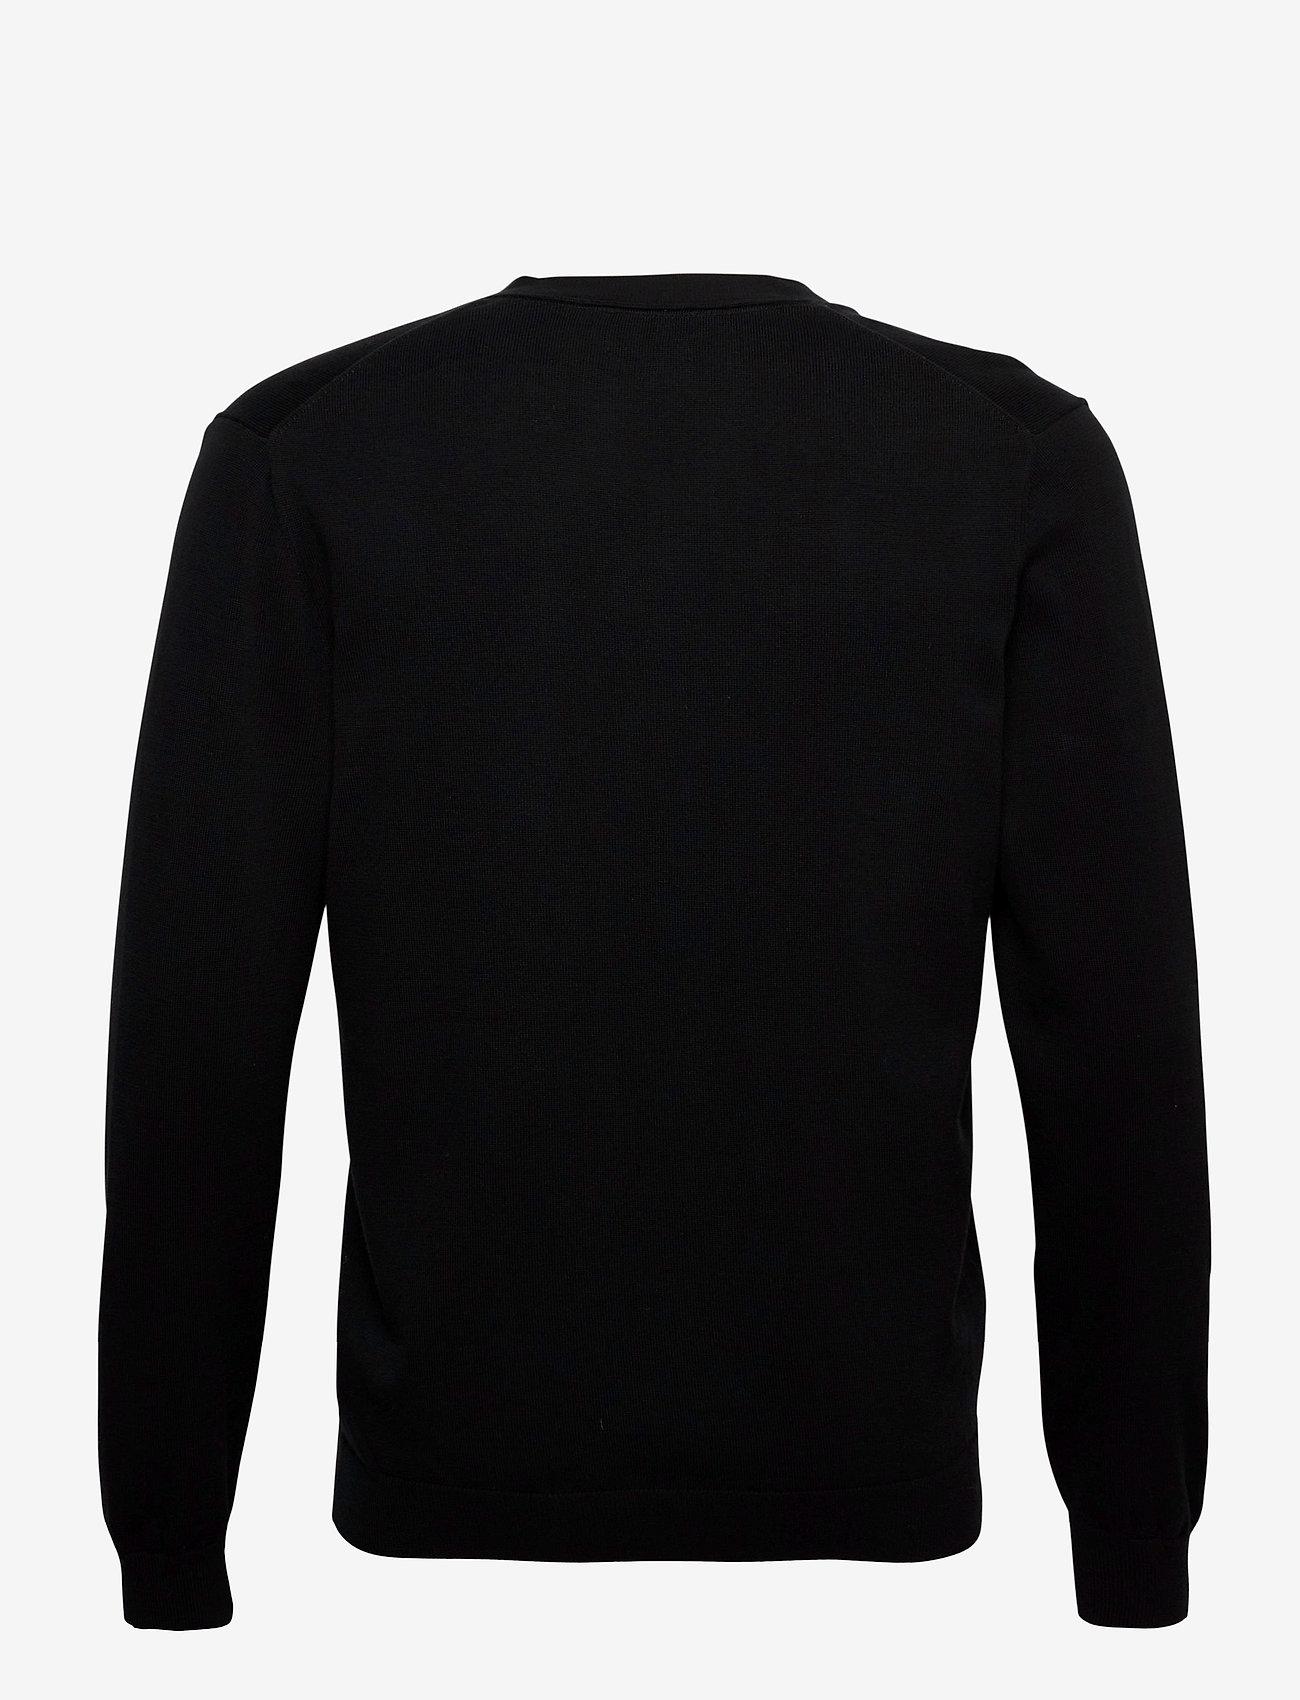 Esprit Collection - Sweaters - basic gebreide truien - black - 1